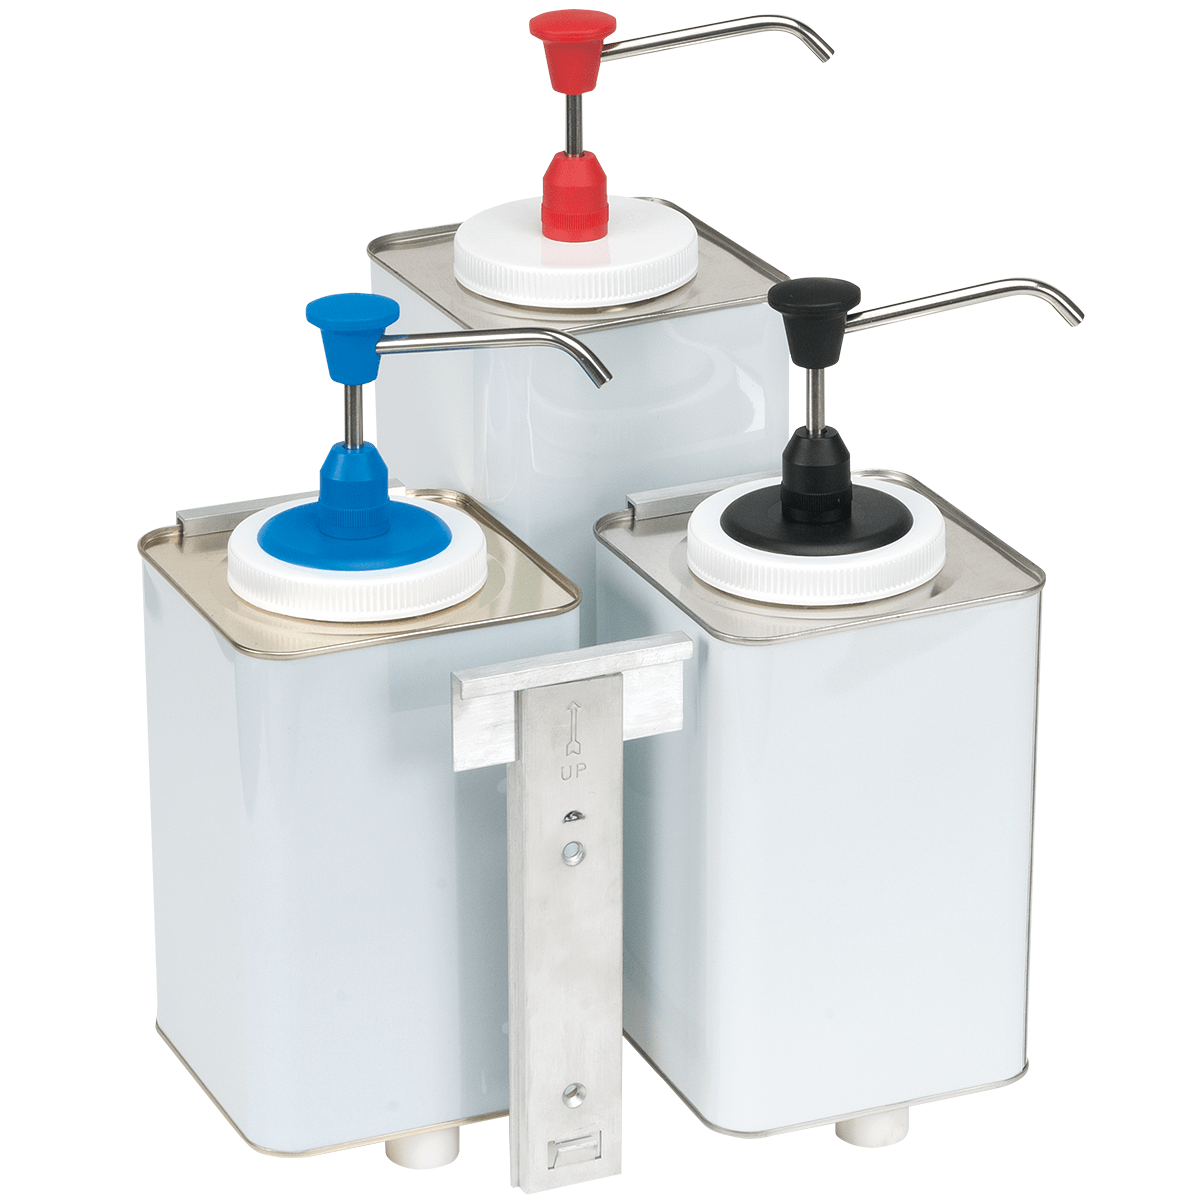 Soapdispenser For Tins